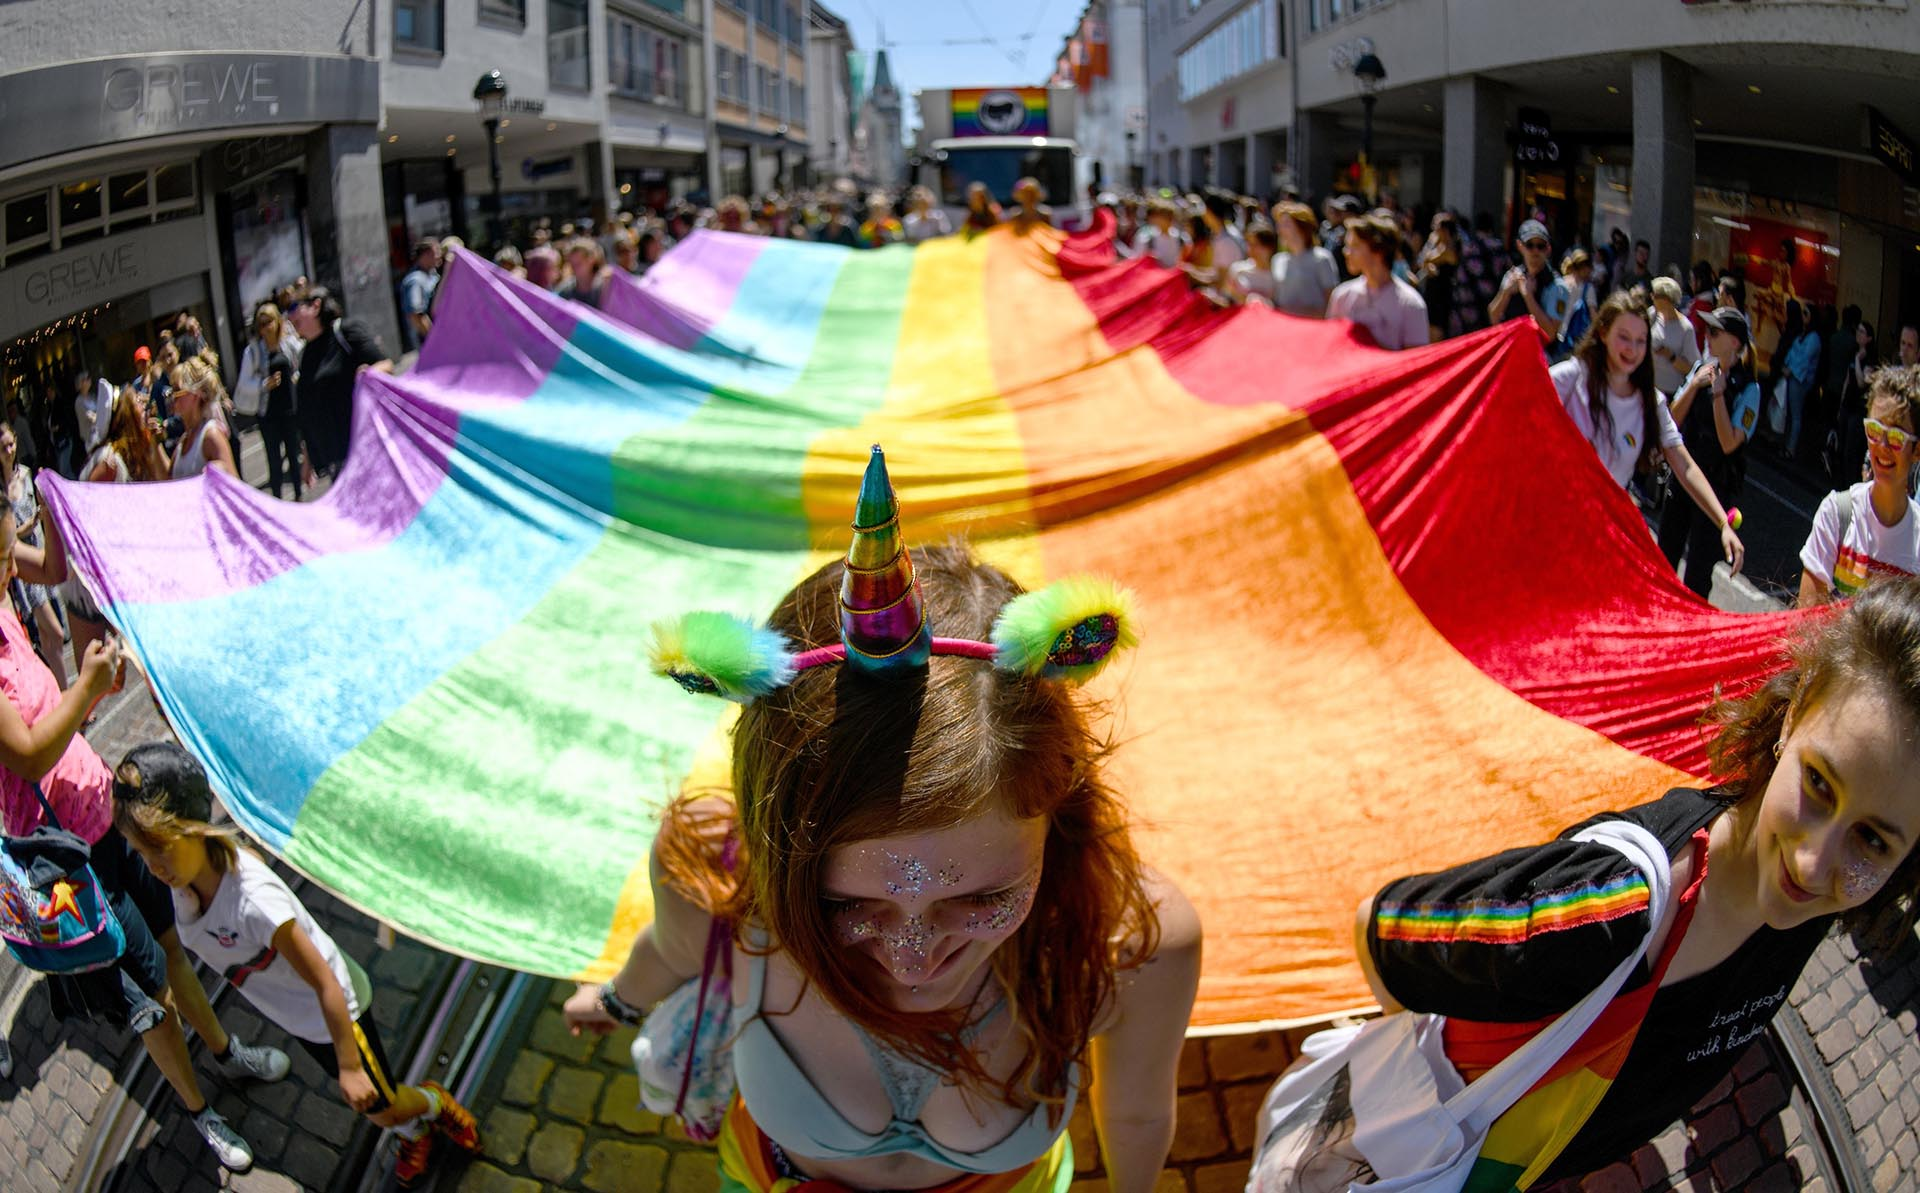 Los participantes del desfile del orgullo Christopher Street Day llevan una bandera con los colores del arco iris mientras caminan por las calles de Friburgo, en el sur de Alemania, el 23 de junio de 2018